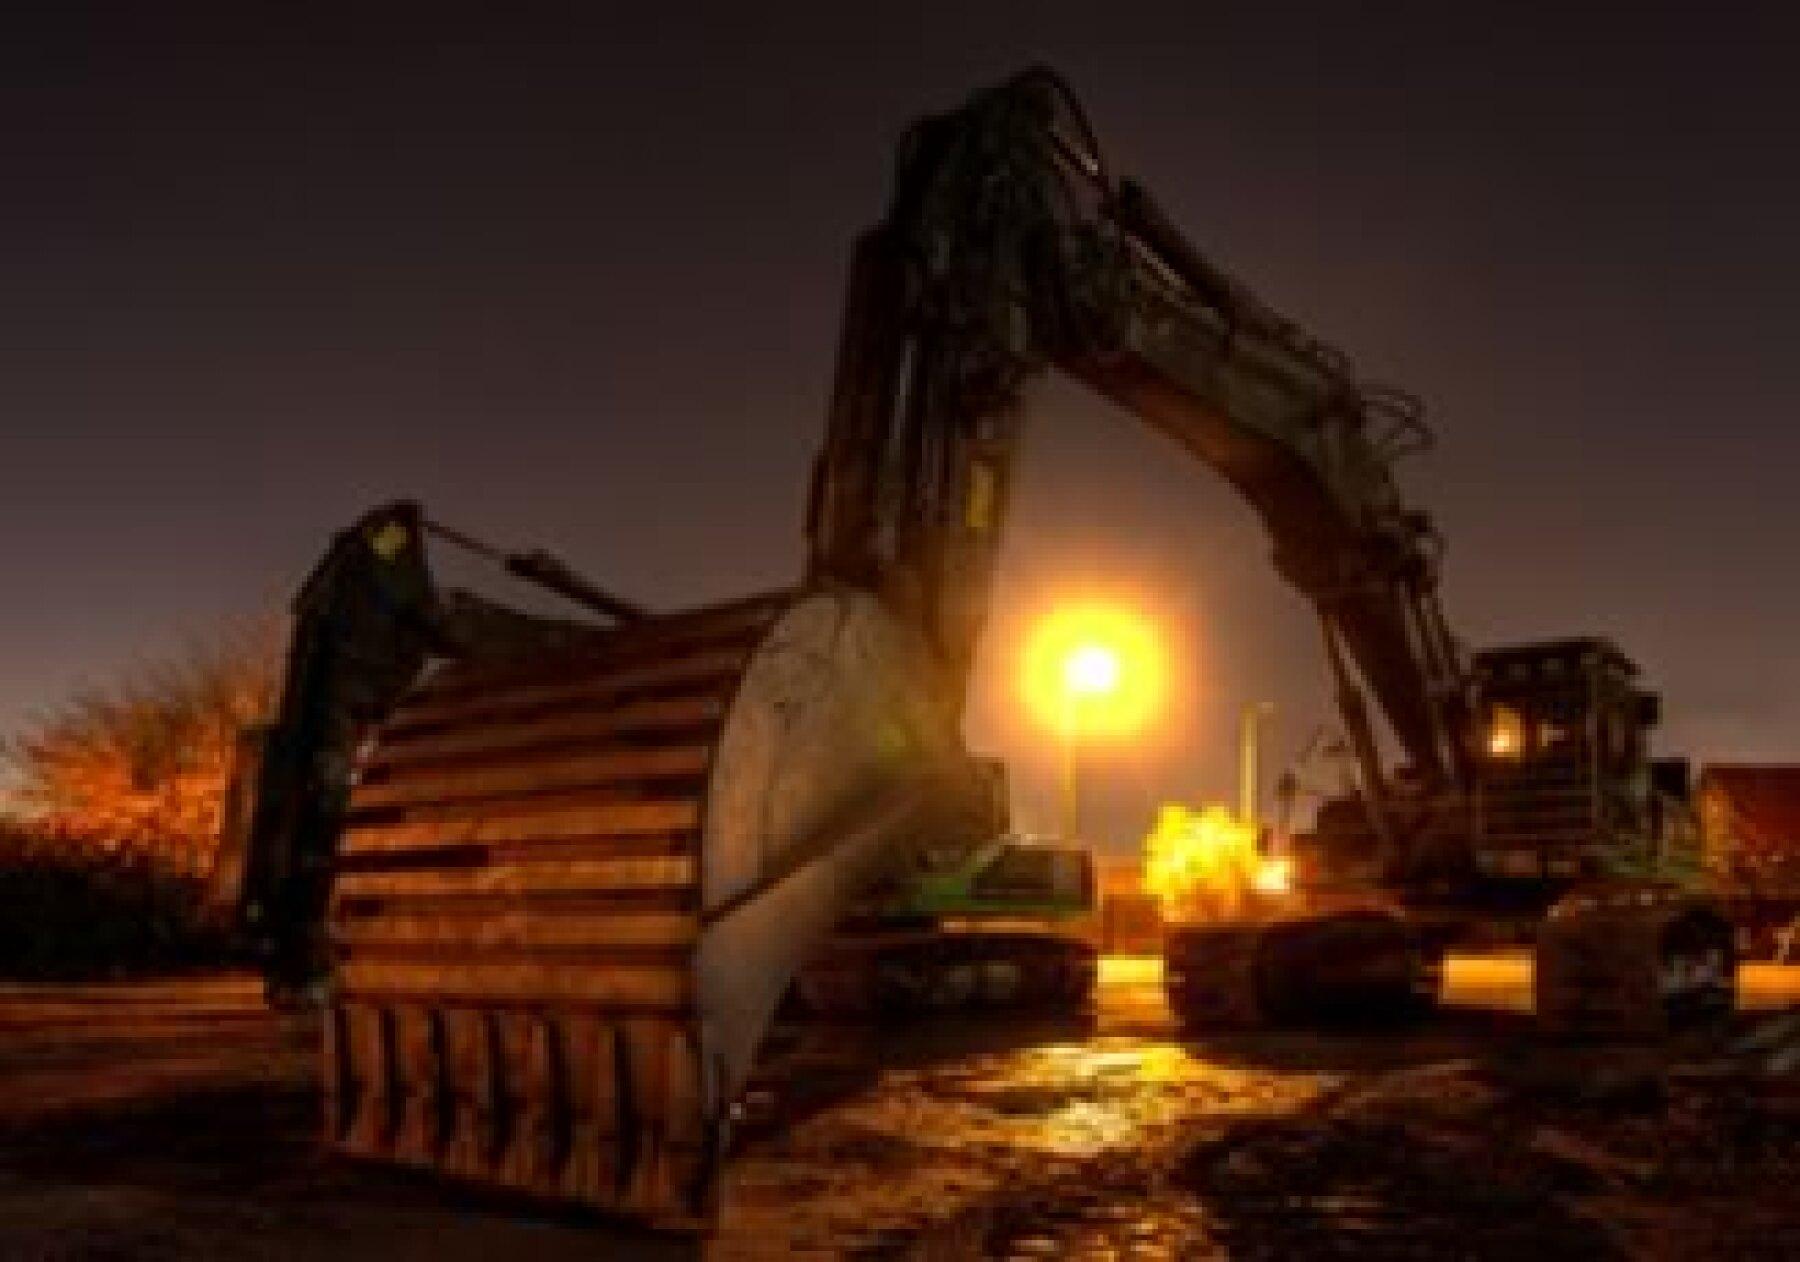 La construcción sigue generando desempleo en Estados Unidos. (Foto: Cortesía SXC)